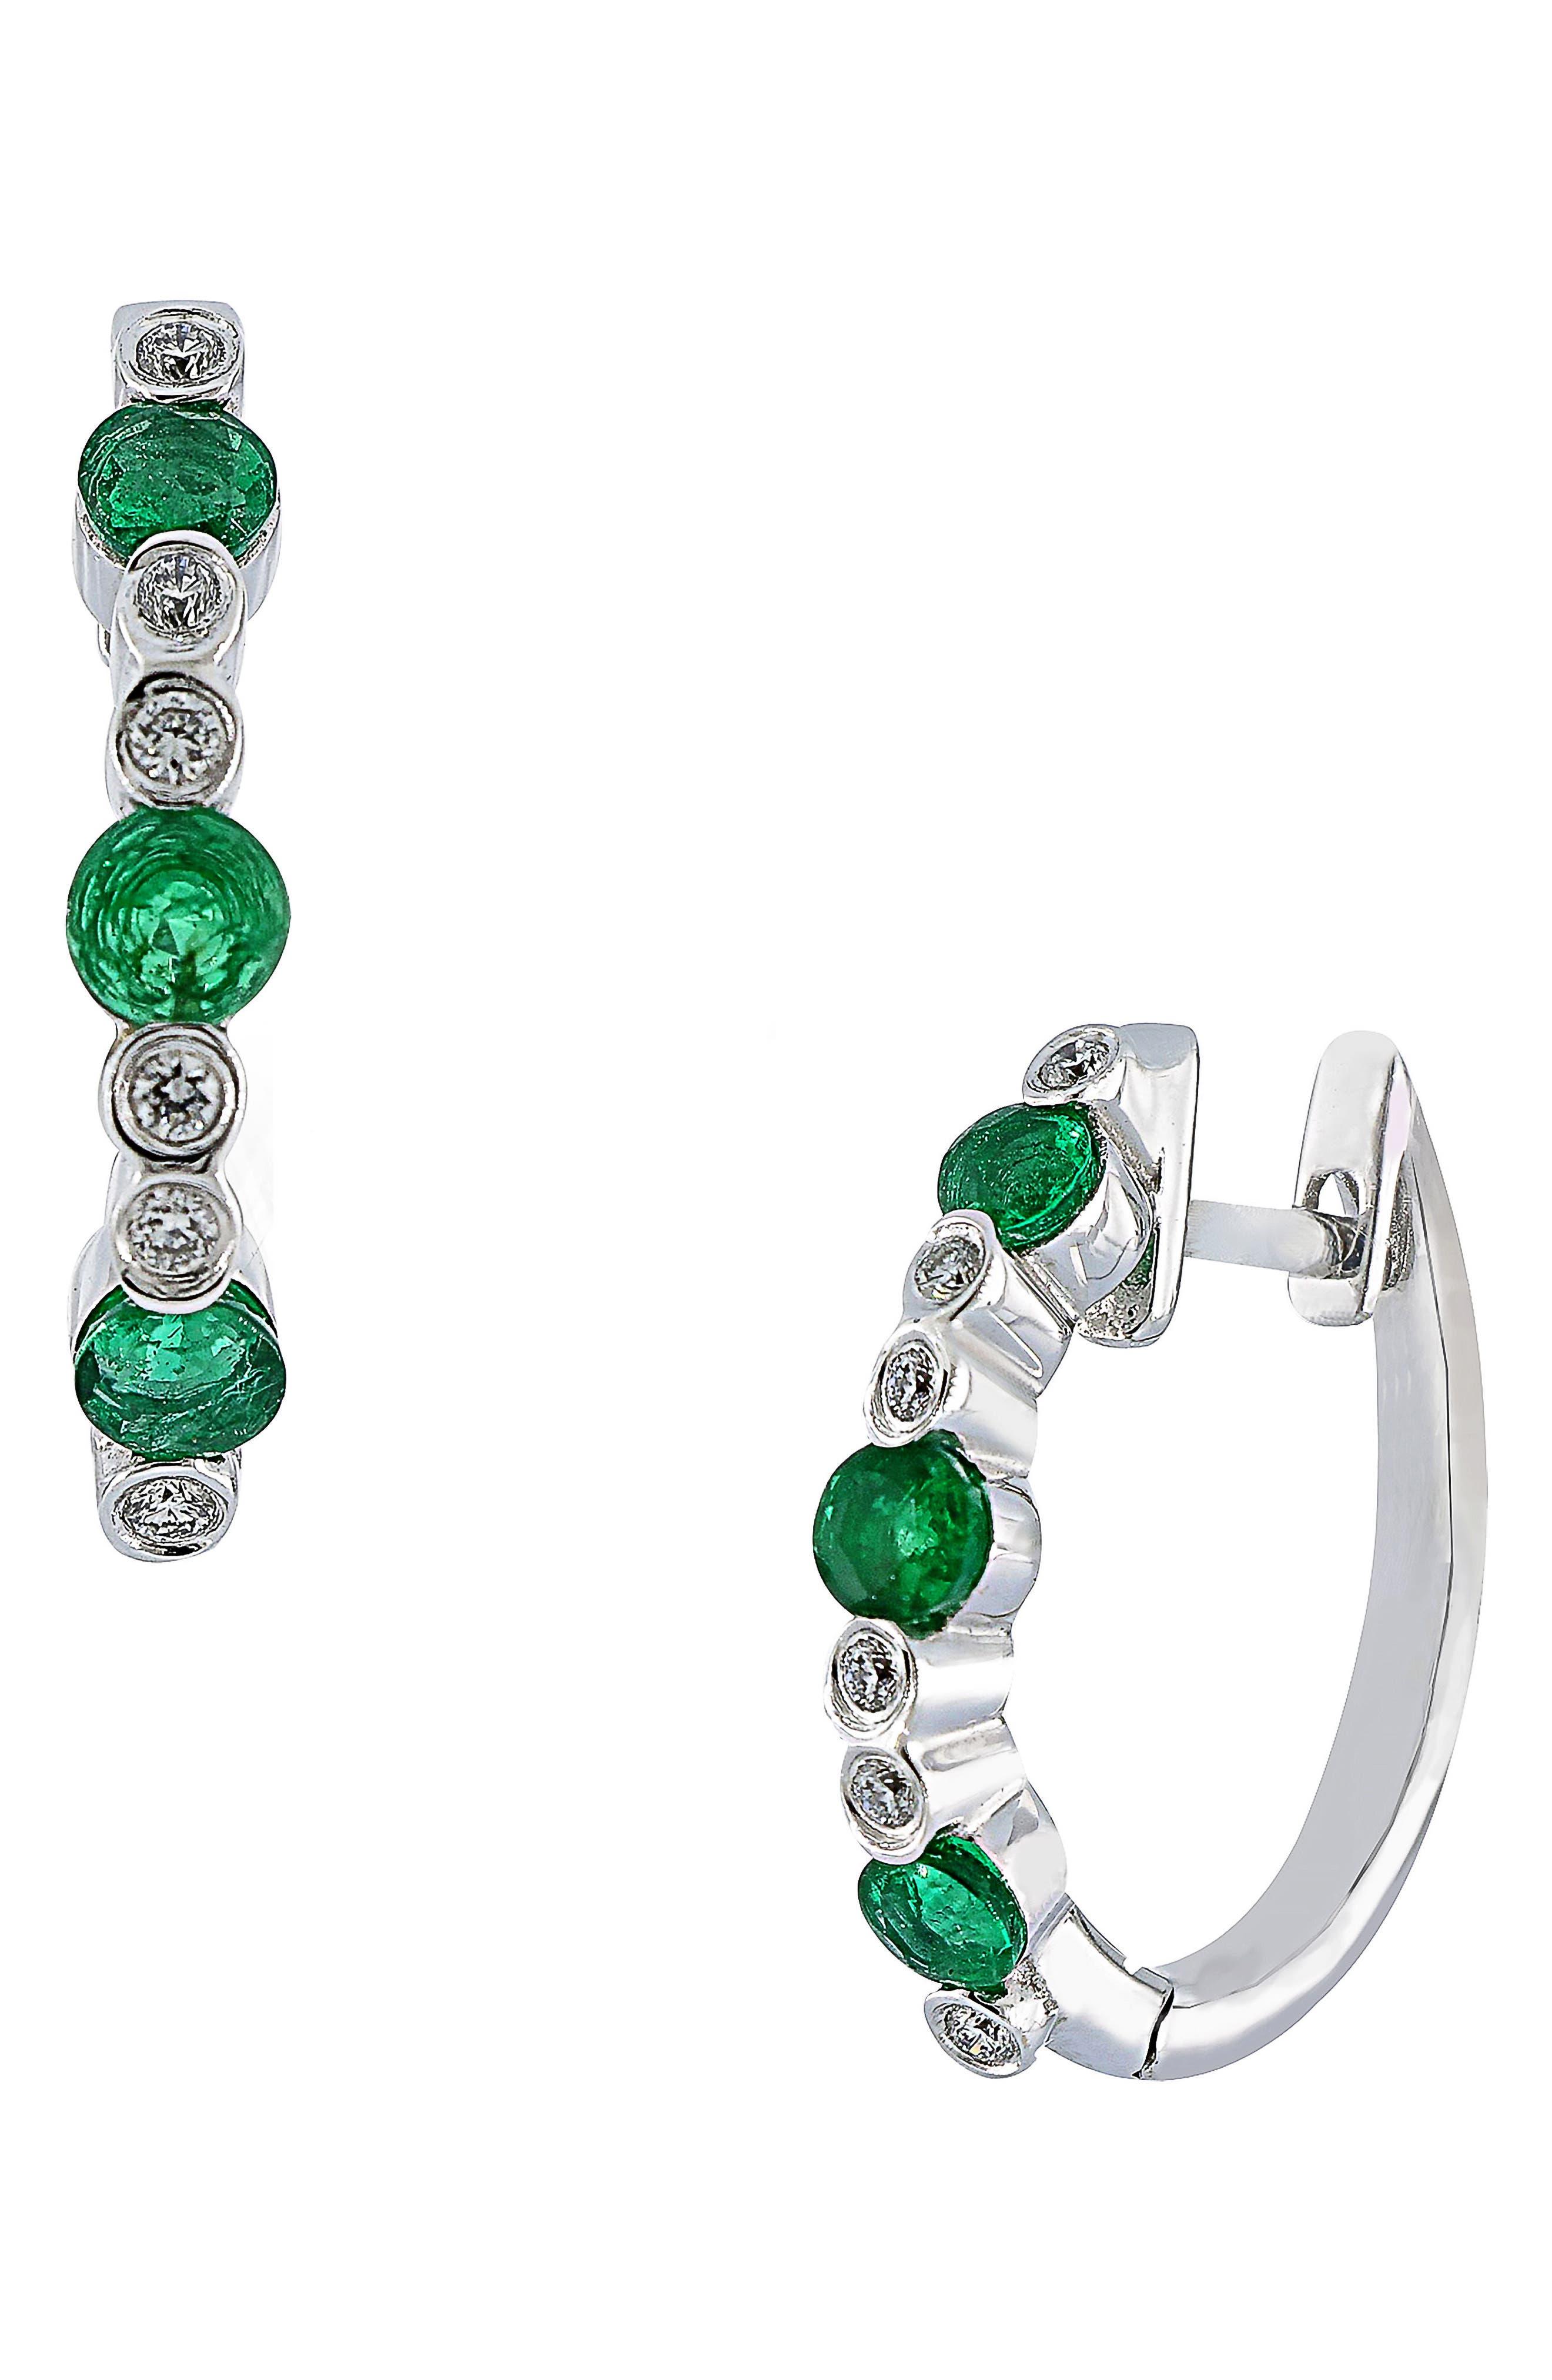 Emerald & Diamond Hoop Earrings,                             Main thumbnail 1, color,                             101